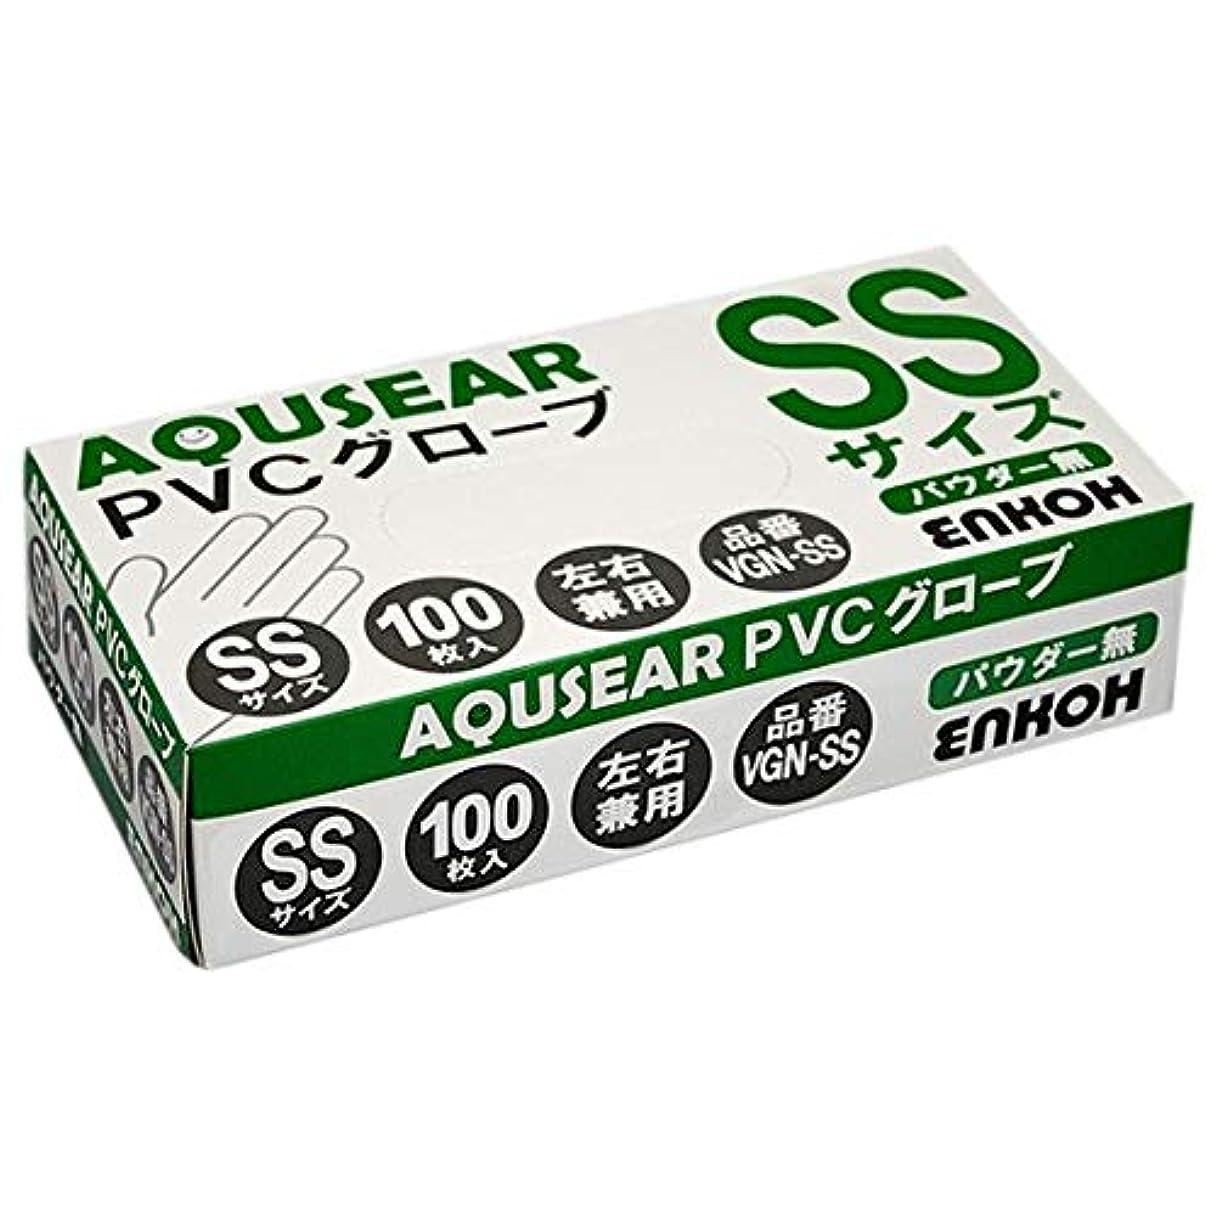 感謝しているインタビューまとめるAQUSEAR PVC プラスチックグローブ SSサイズ パウダー無 VGN-SS 100枚×20箱